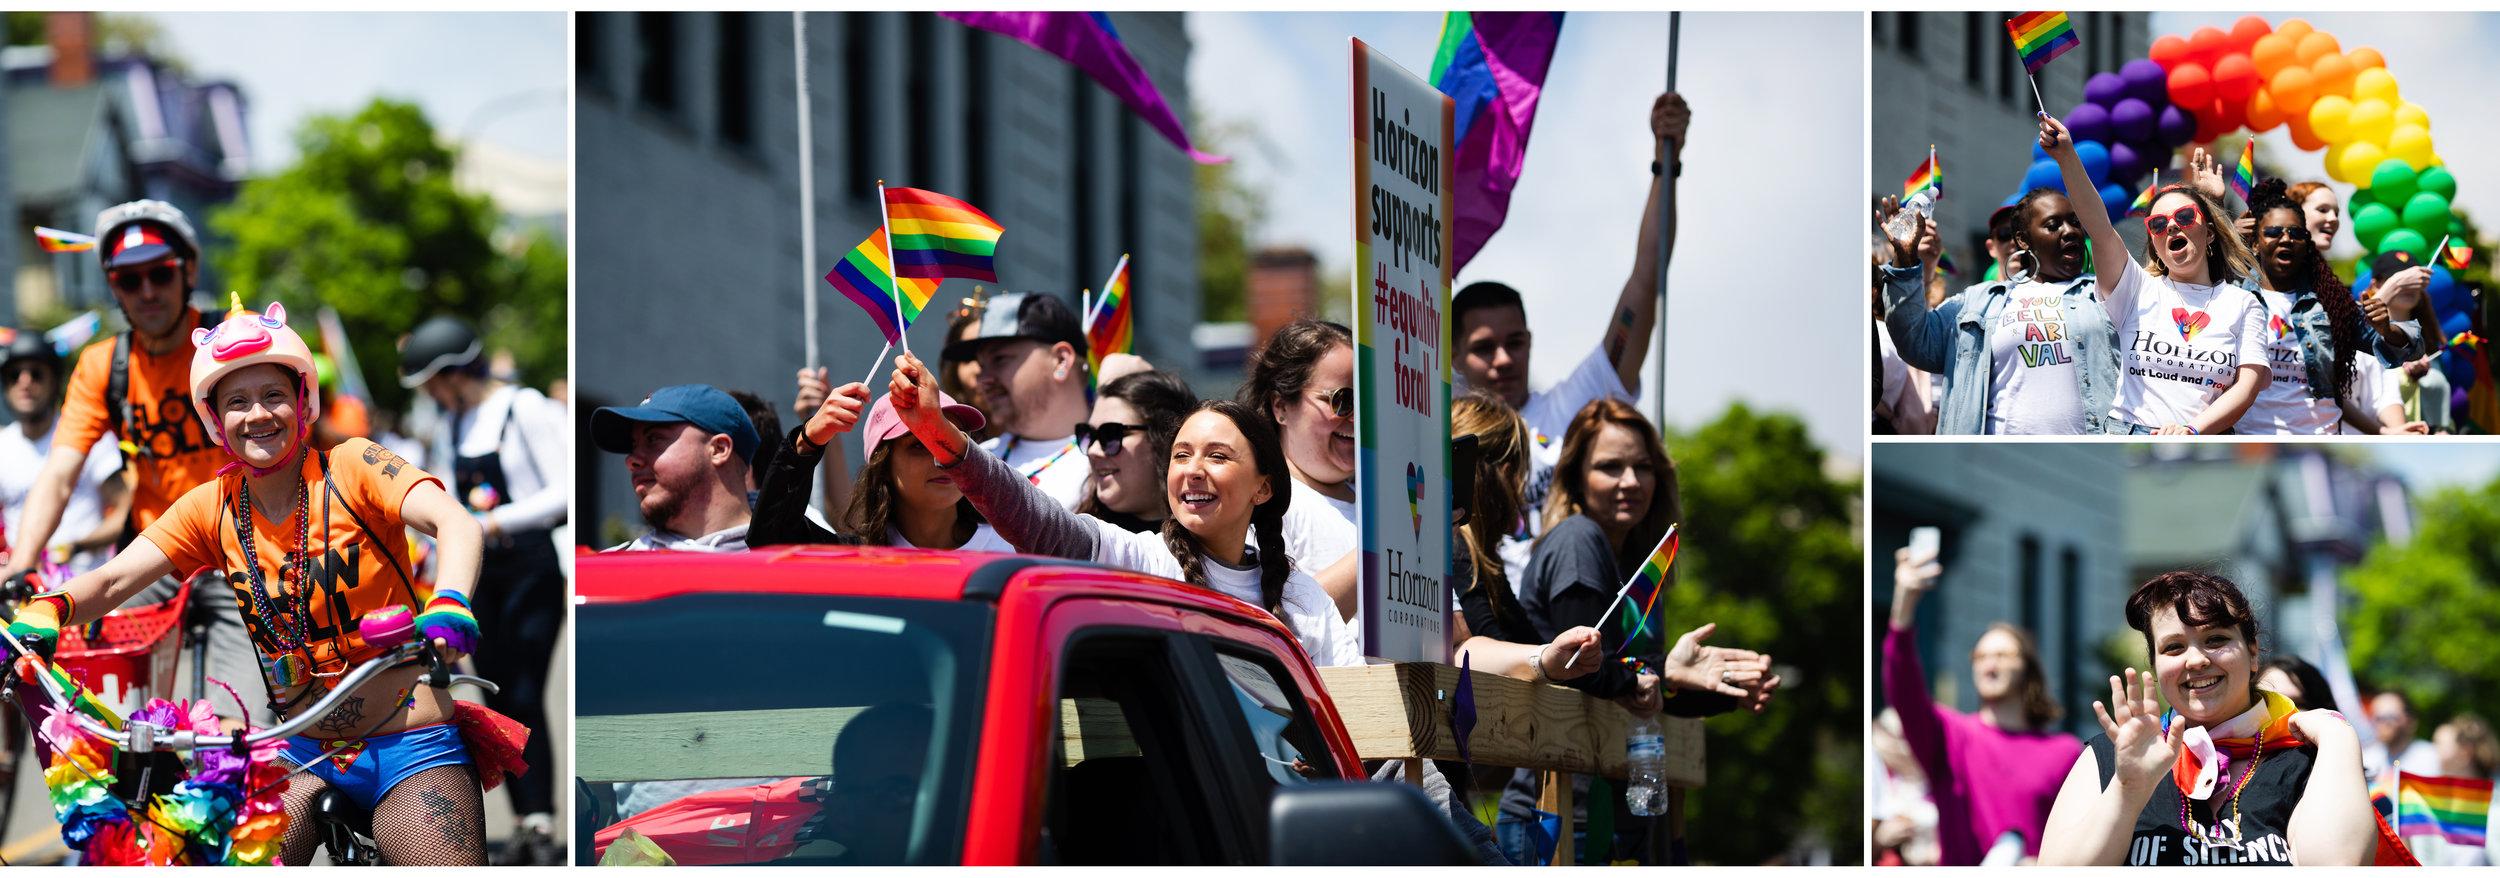 pride_2019_blog_18.jpg